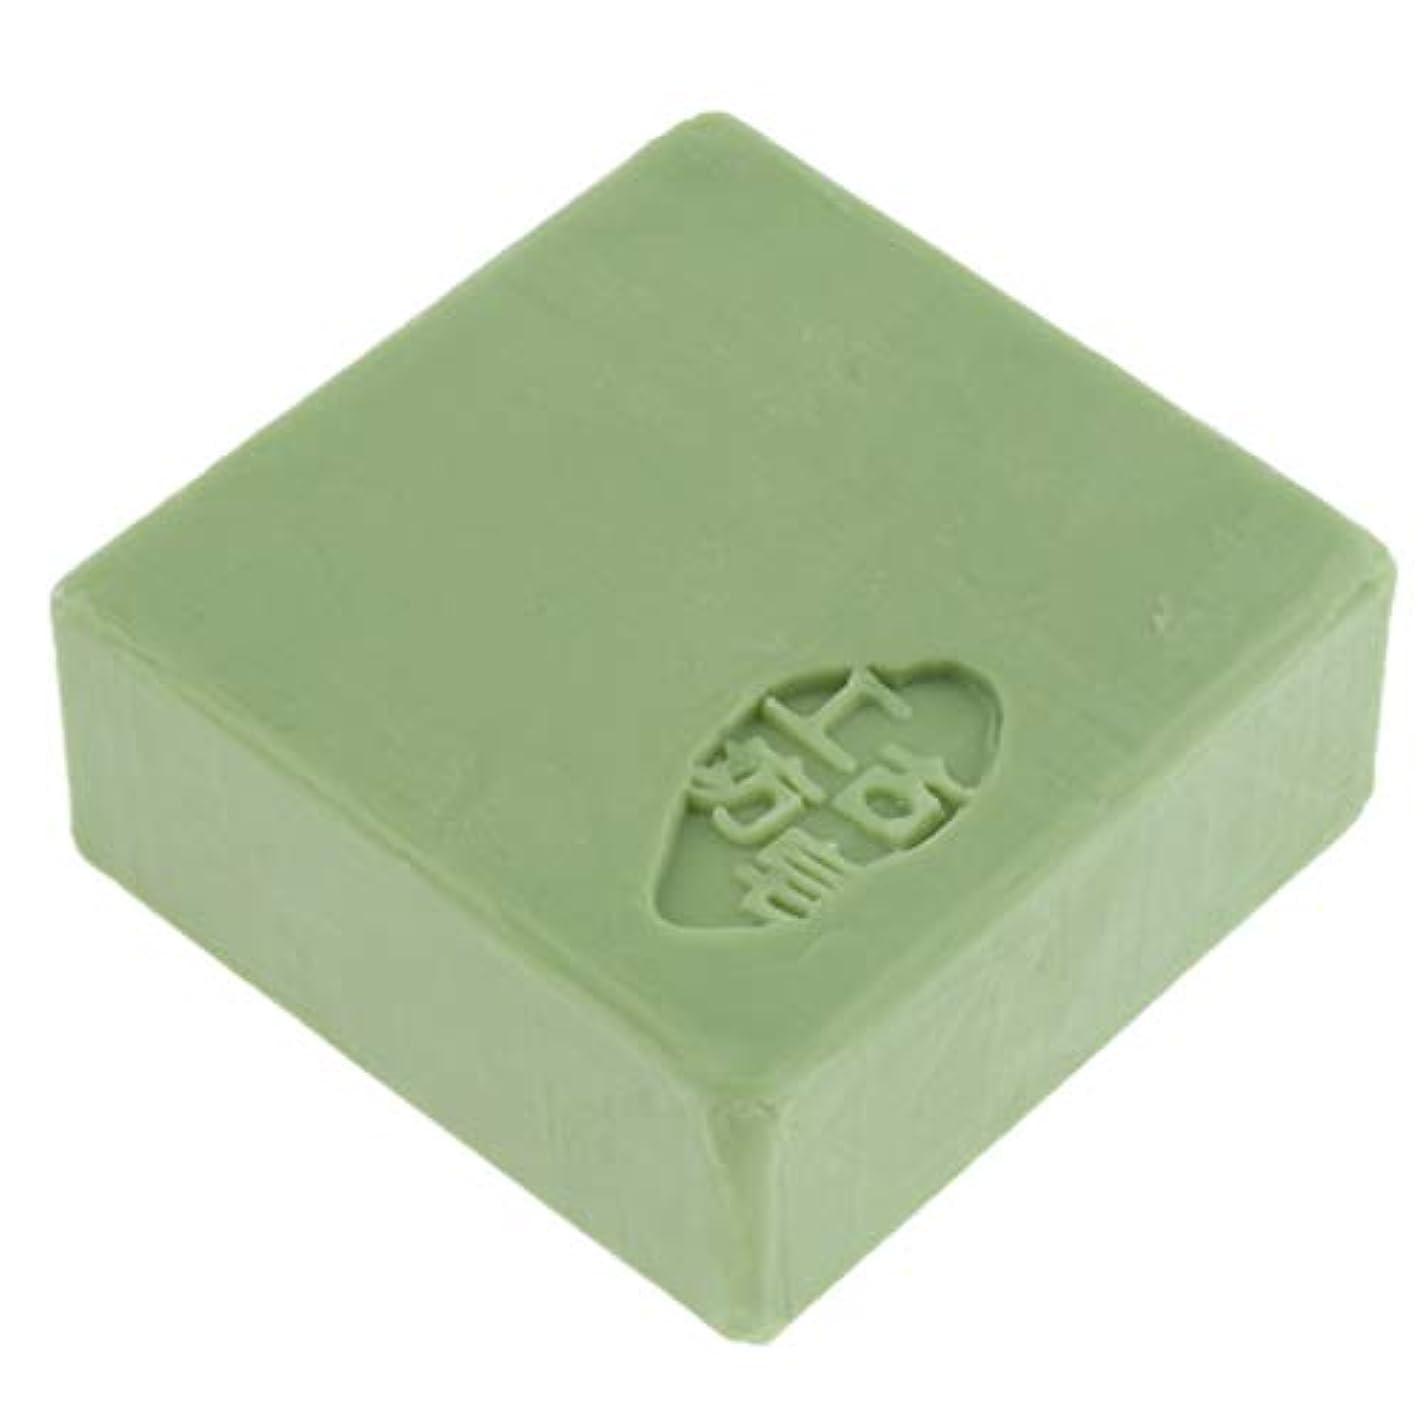 拡張稚魚良性FLAMEER フェイスソープ ボディソープ スキンケア 石鹸 メイク落とし 全3色 - 緑